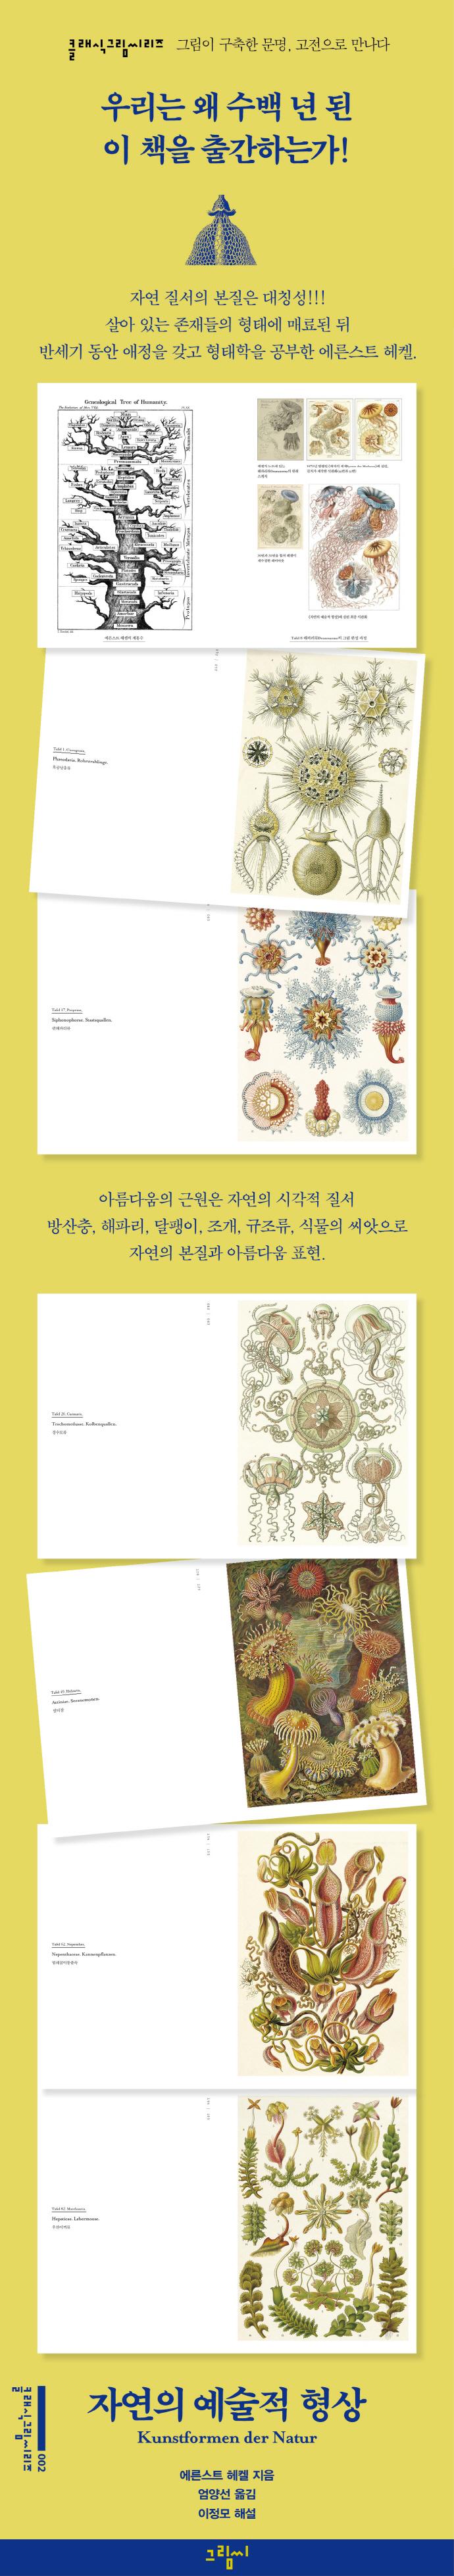 자연의 예술적 형상(클래식그림씨리즈 2)(양장본 HardCover) 도서 상세이미지